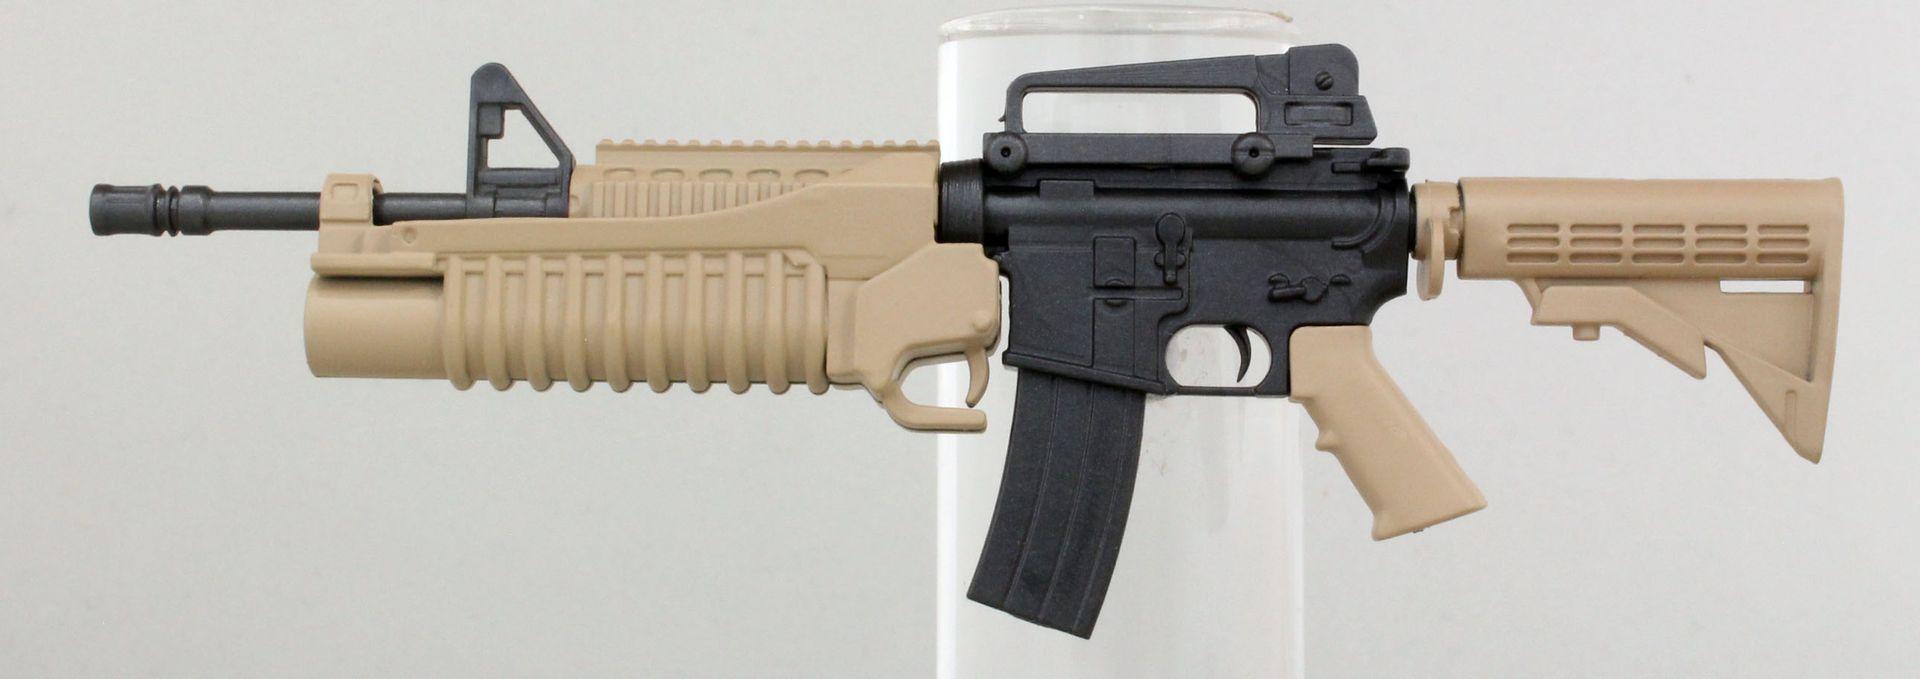 M4 Grenade launcher(グレネードランチャー)